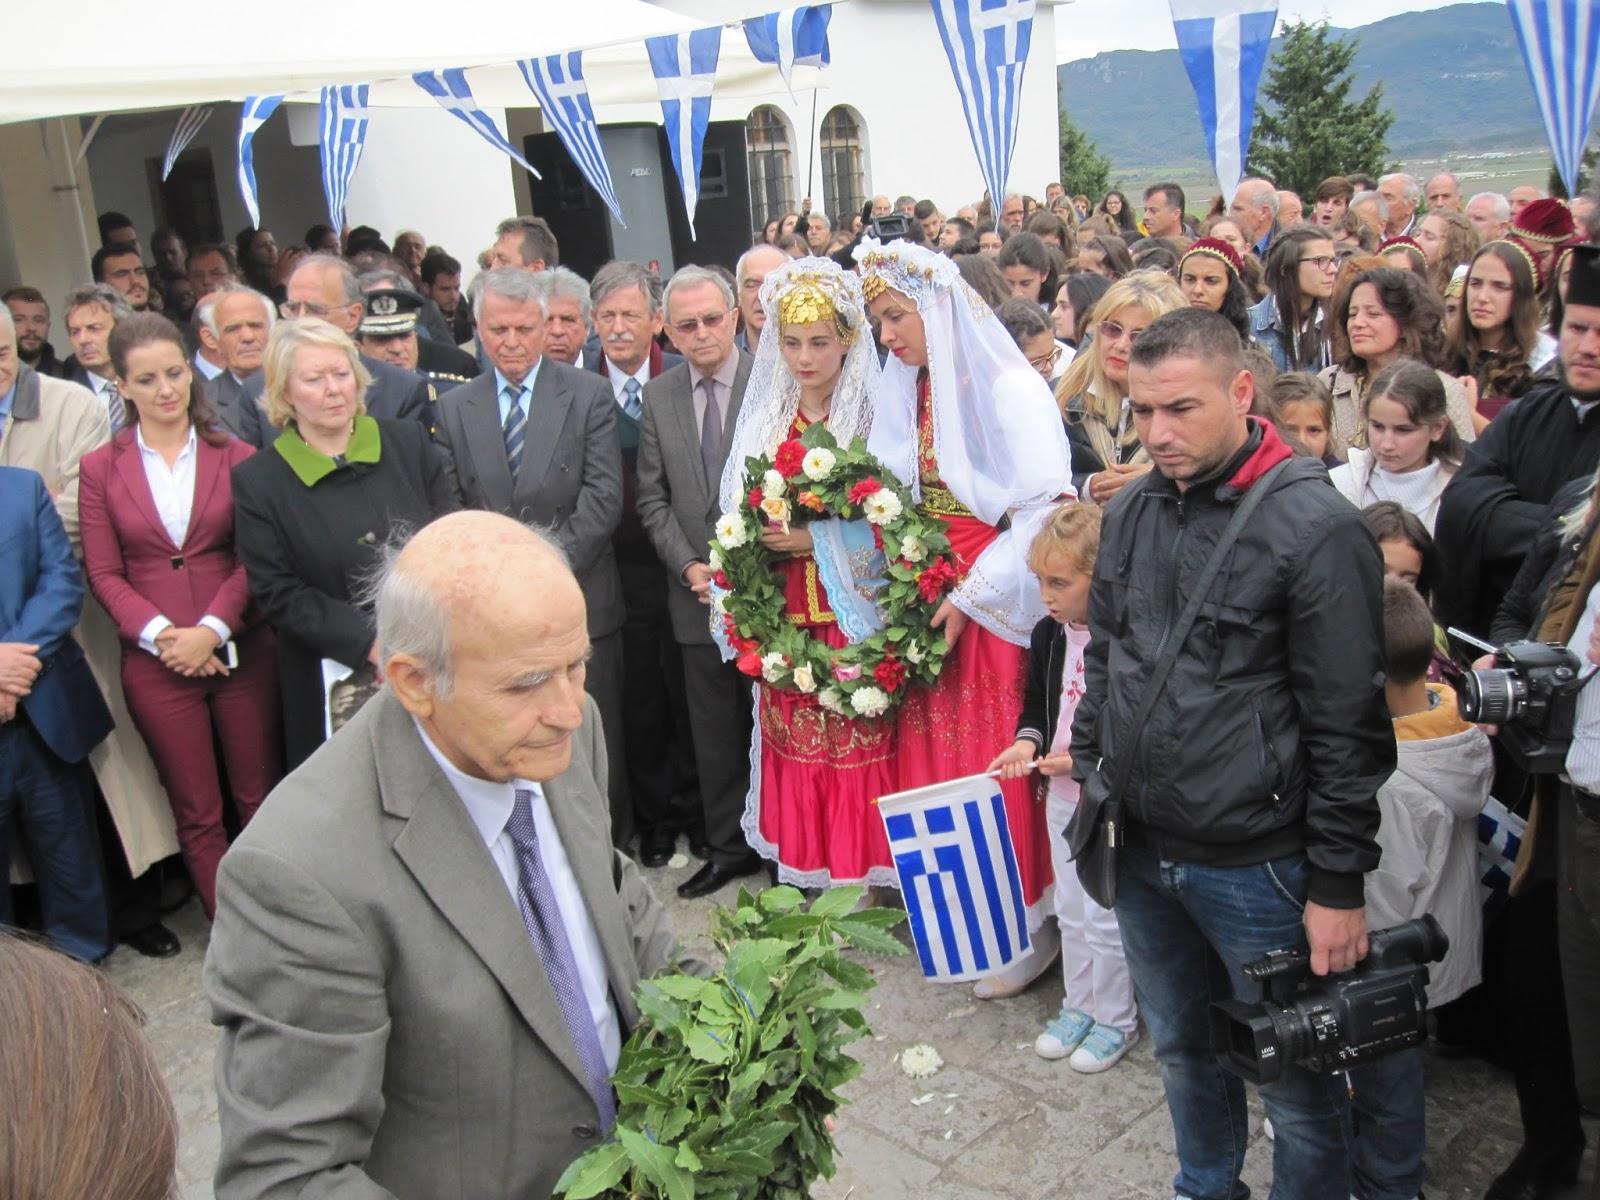 Ο εκπρόσωπος της Ενωσης Ελλήνων Λογοτεχνών Αγαθ.Παναγούλιας που ανάδειξε το νεκροταφείο αυτό και βρήκε και τους συγγενείς των πεσόντων